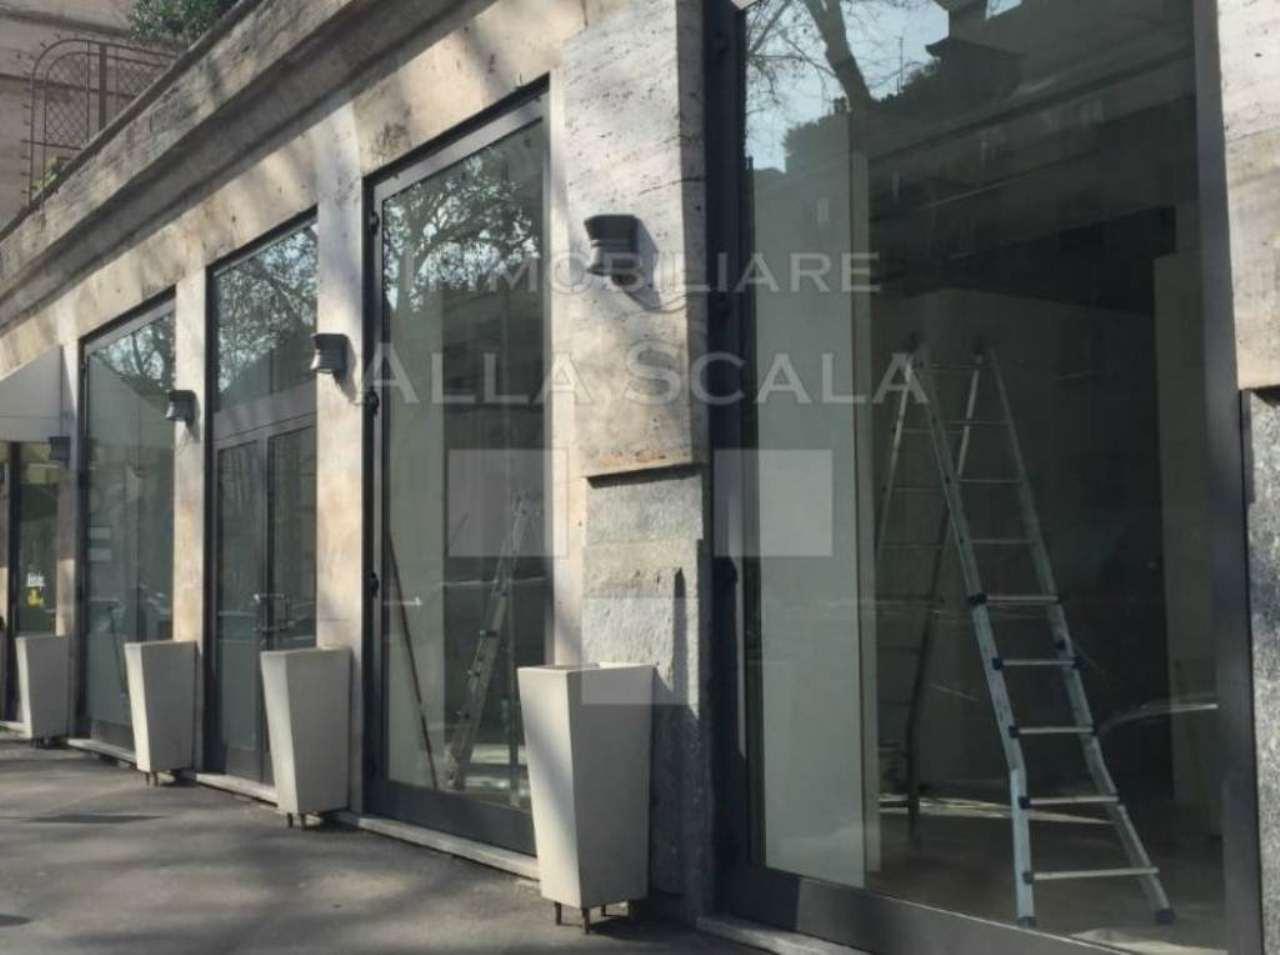 Negozio / Locale in affitto a Milano, 2 locali, zona Zona: 1 . Centro Storico, Duomo, Brera, Cadorna, Cattolica, prezzo € 8.000 | CambioCasa.it